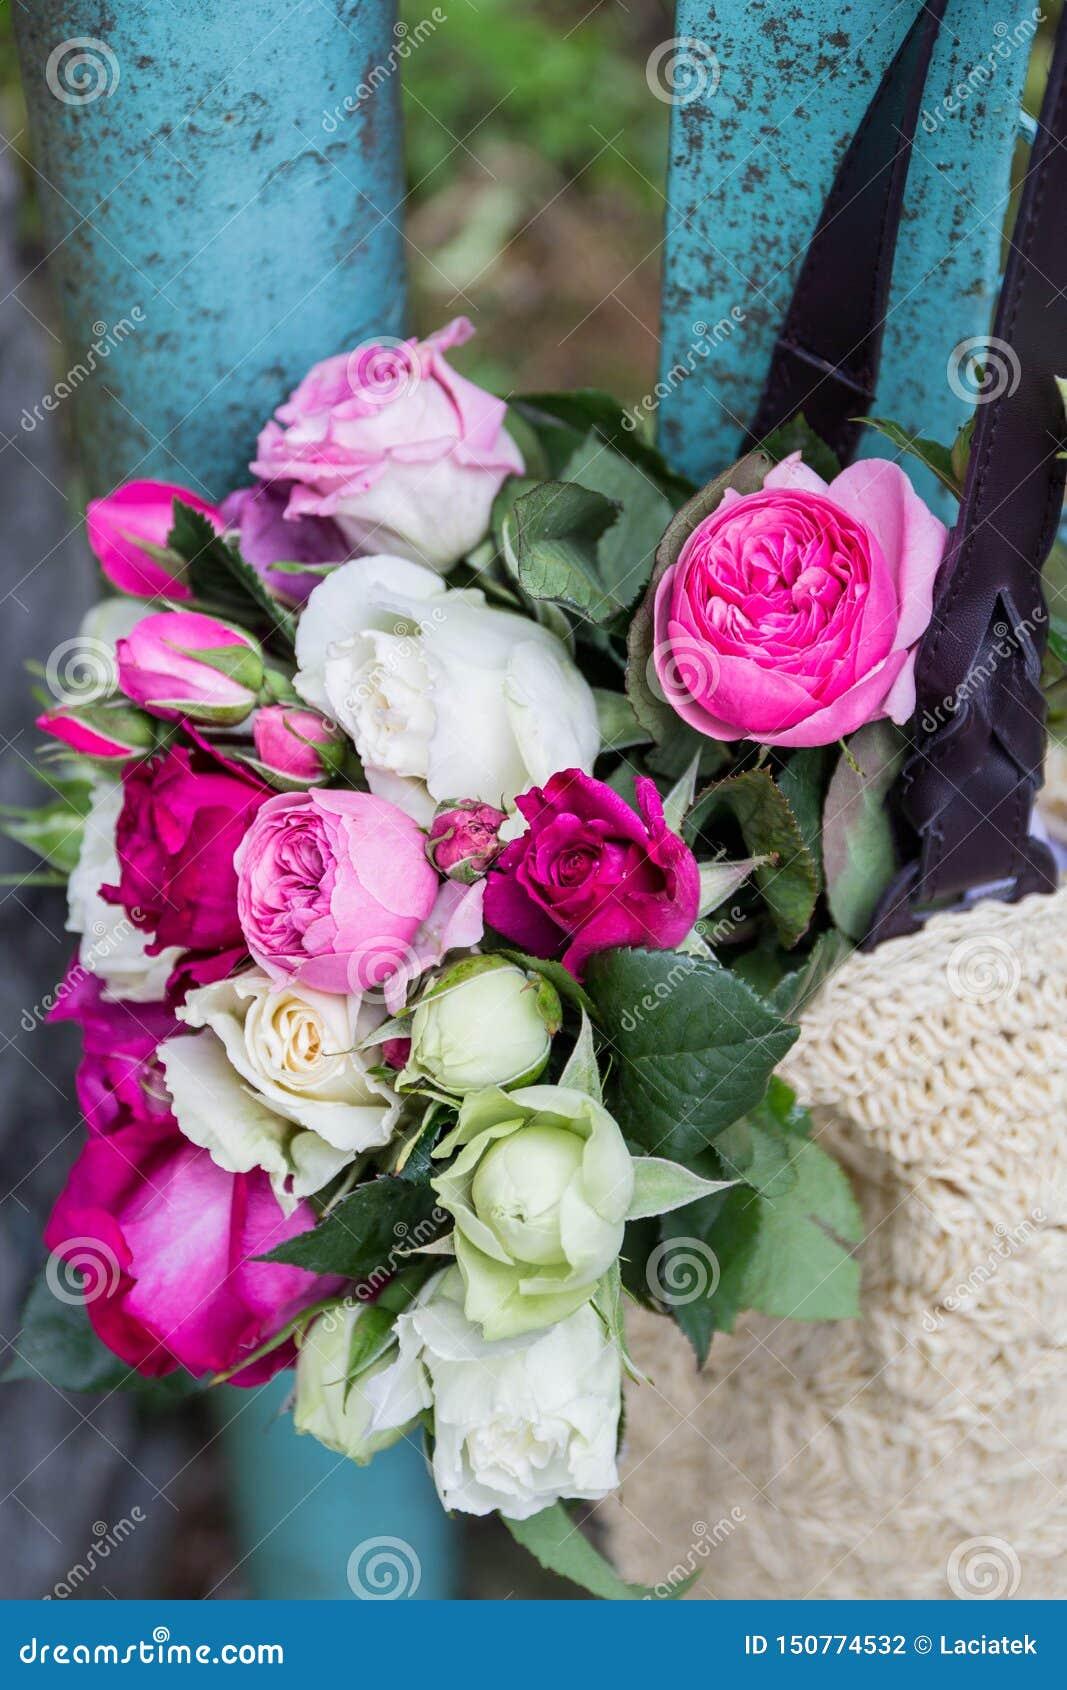 Ramo de rosas inglesas fragantes del rosa y blancas en un bolso de la rafia que cuelga en la cerca